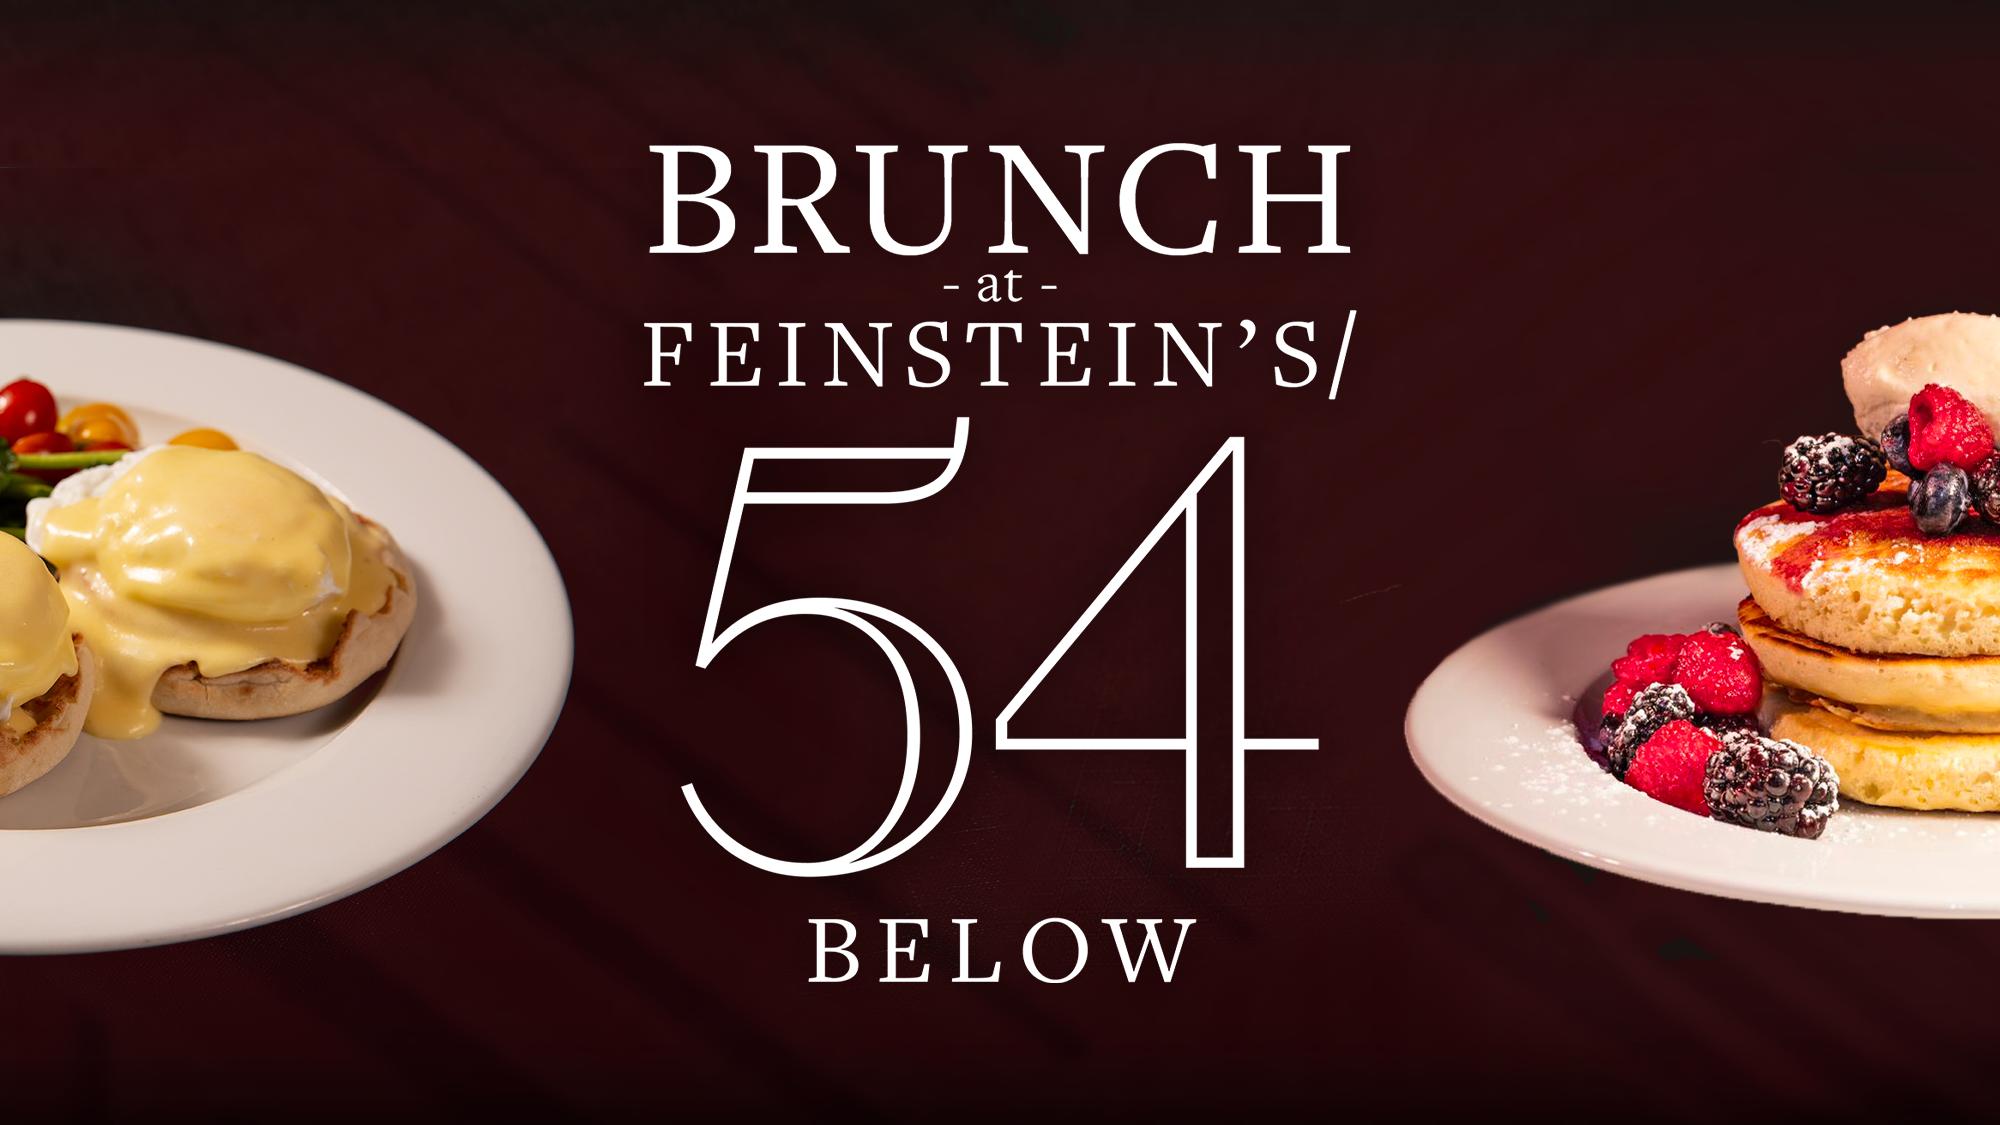 Brunch at Feinstein's/54 Below